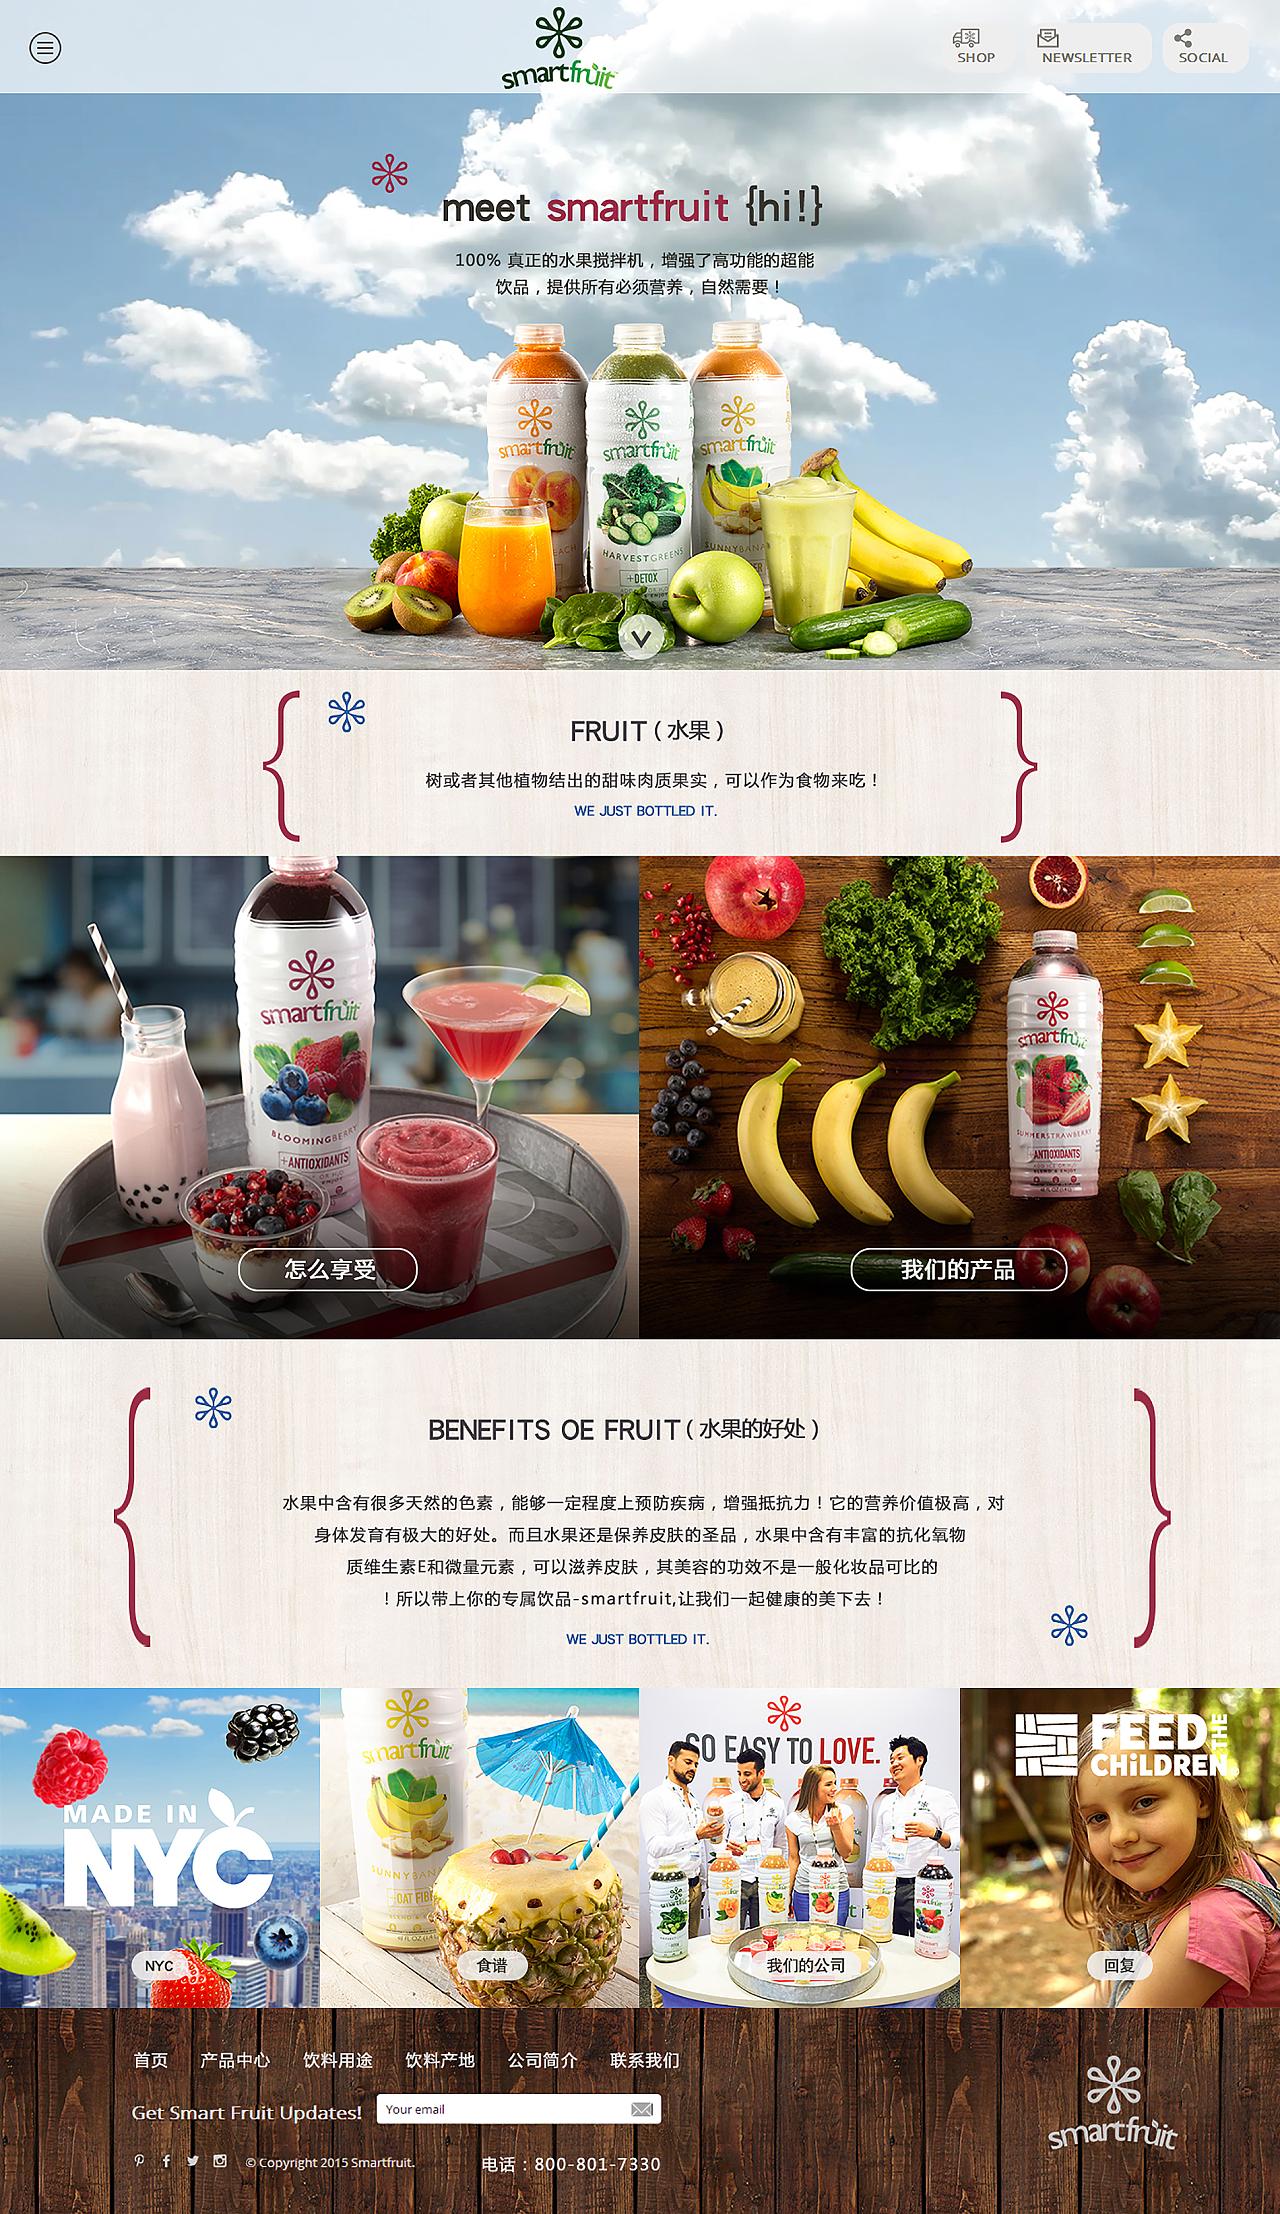 饮品网页排版 网页 企业官网 佐理设计 - 原创作品图片